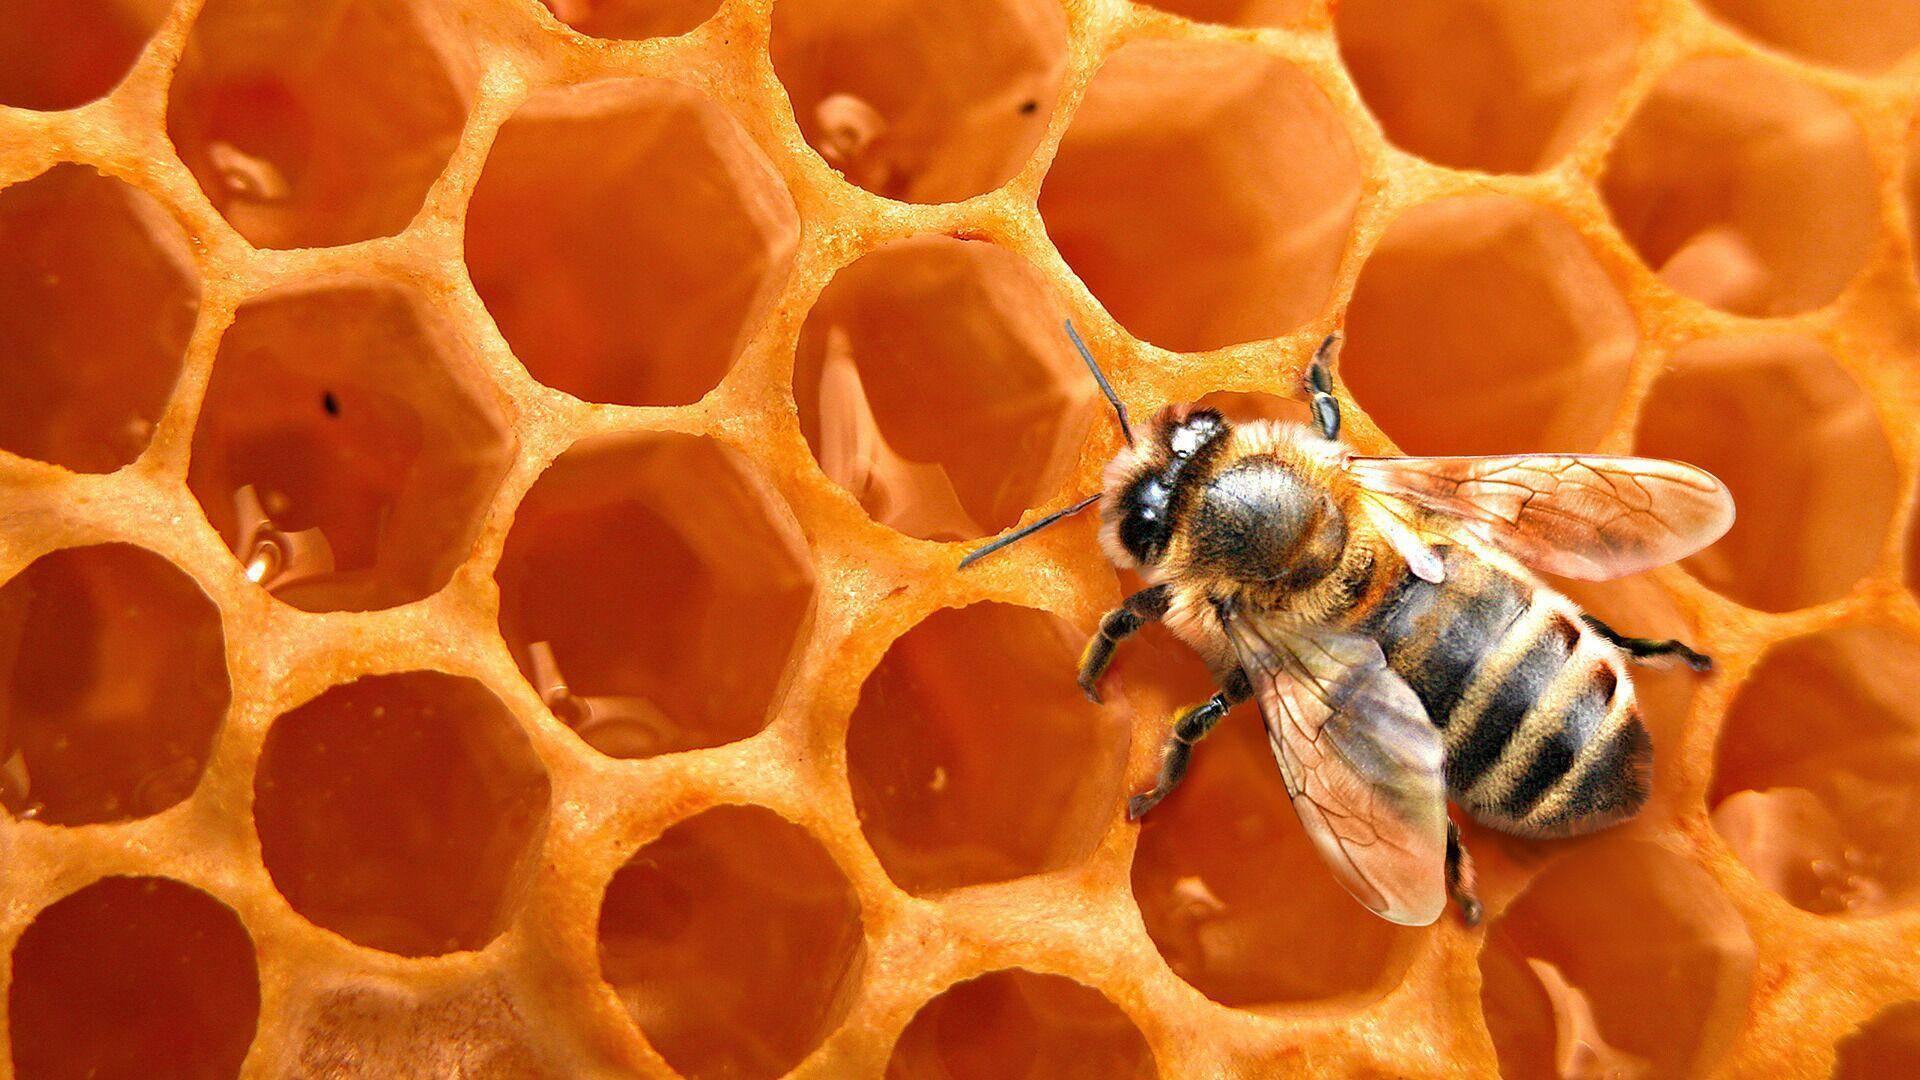 Сахарный сироп для пчел или медовая сыта ' пчелы '